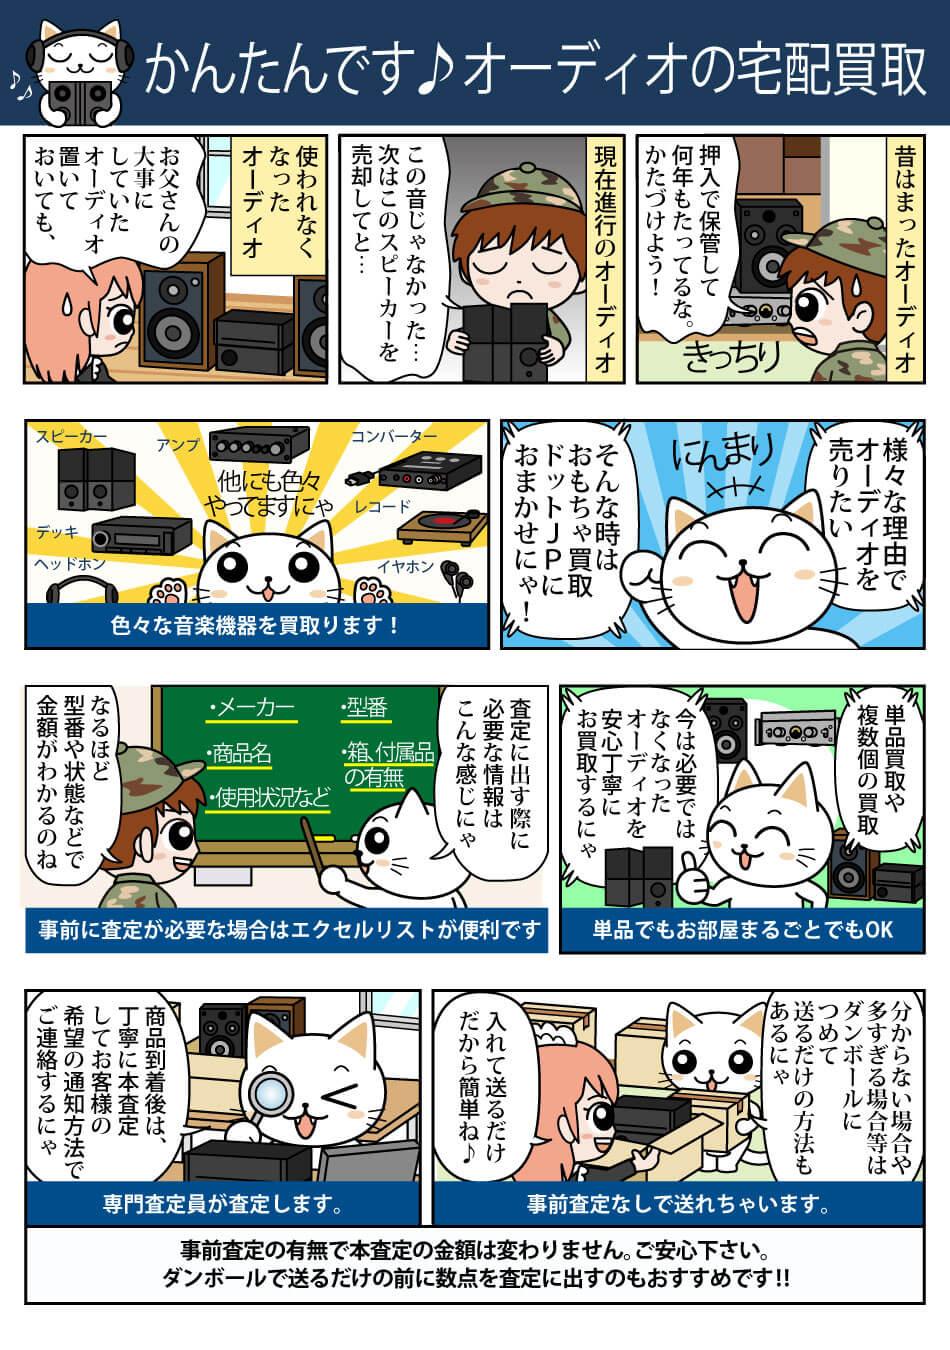 オーディオ買取の流れ@おもちゃ買取ドットJP漫画版